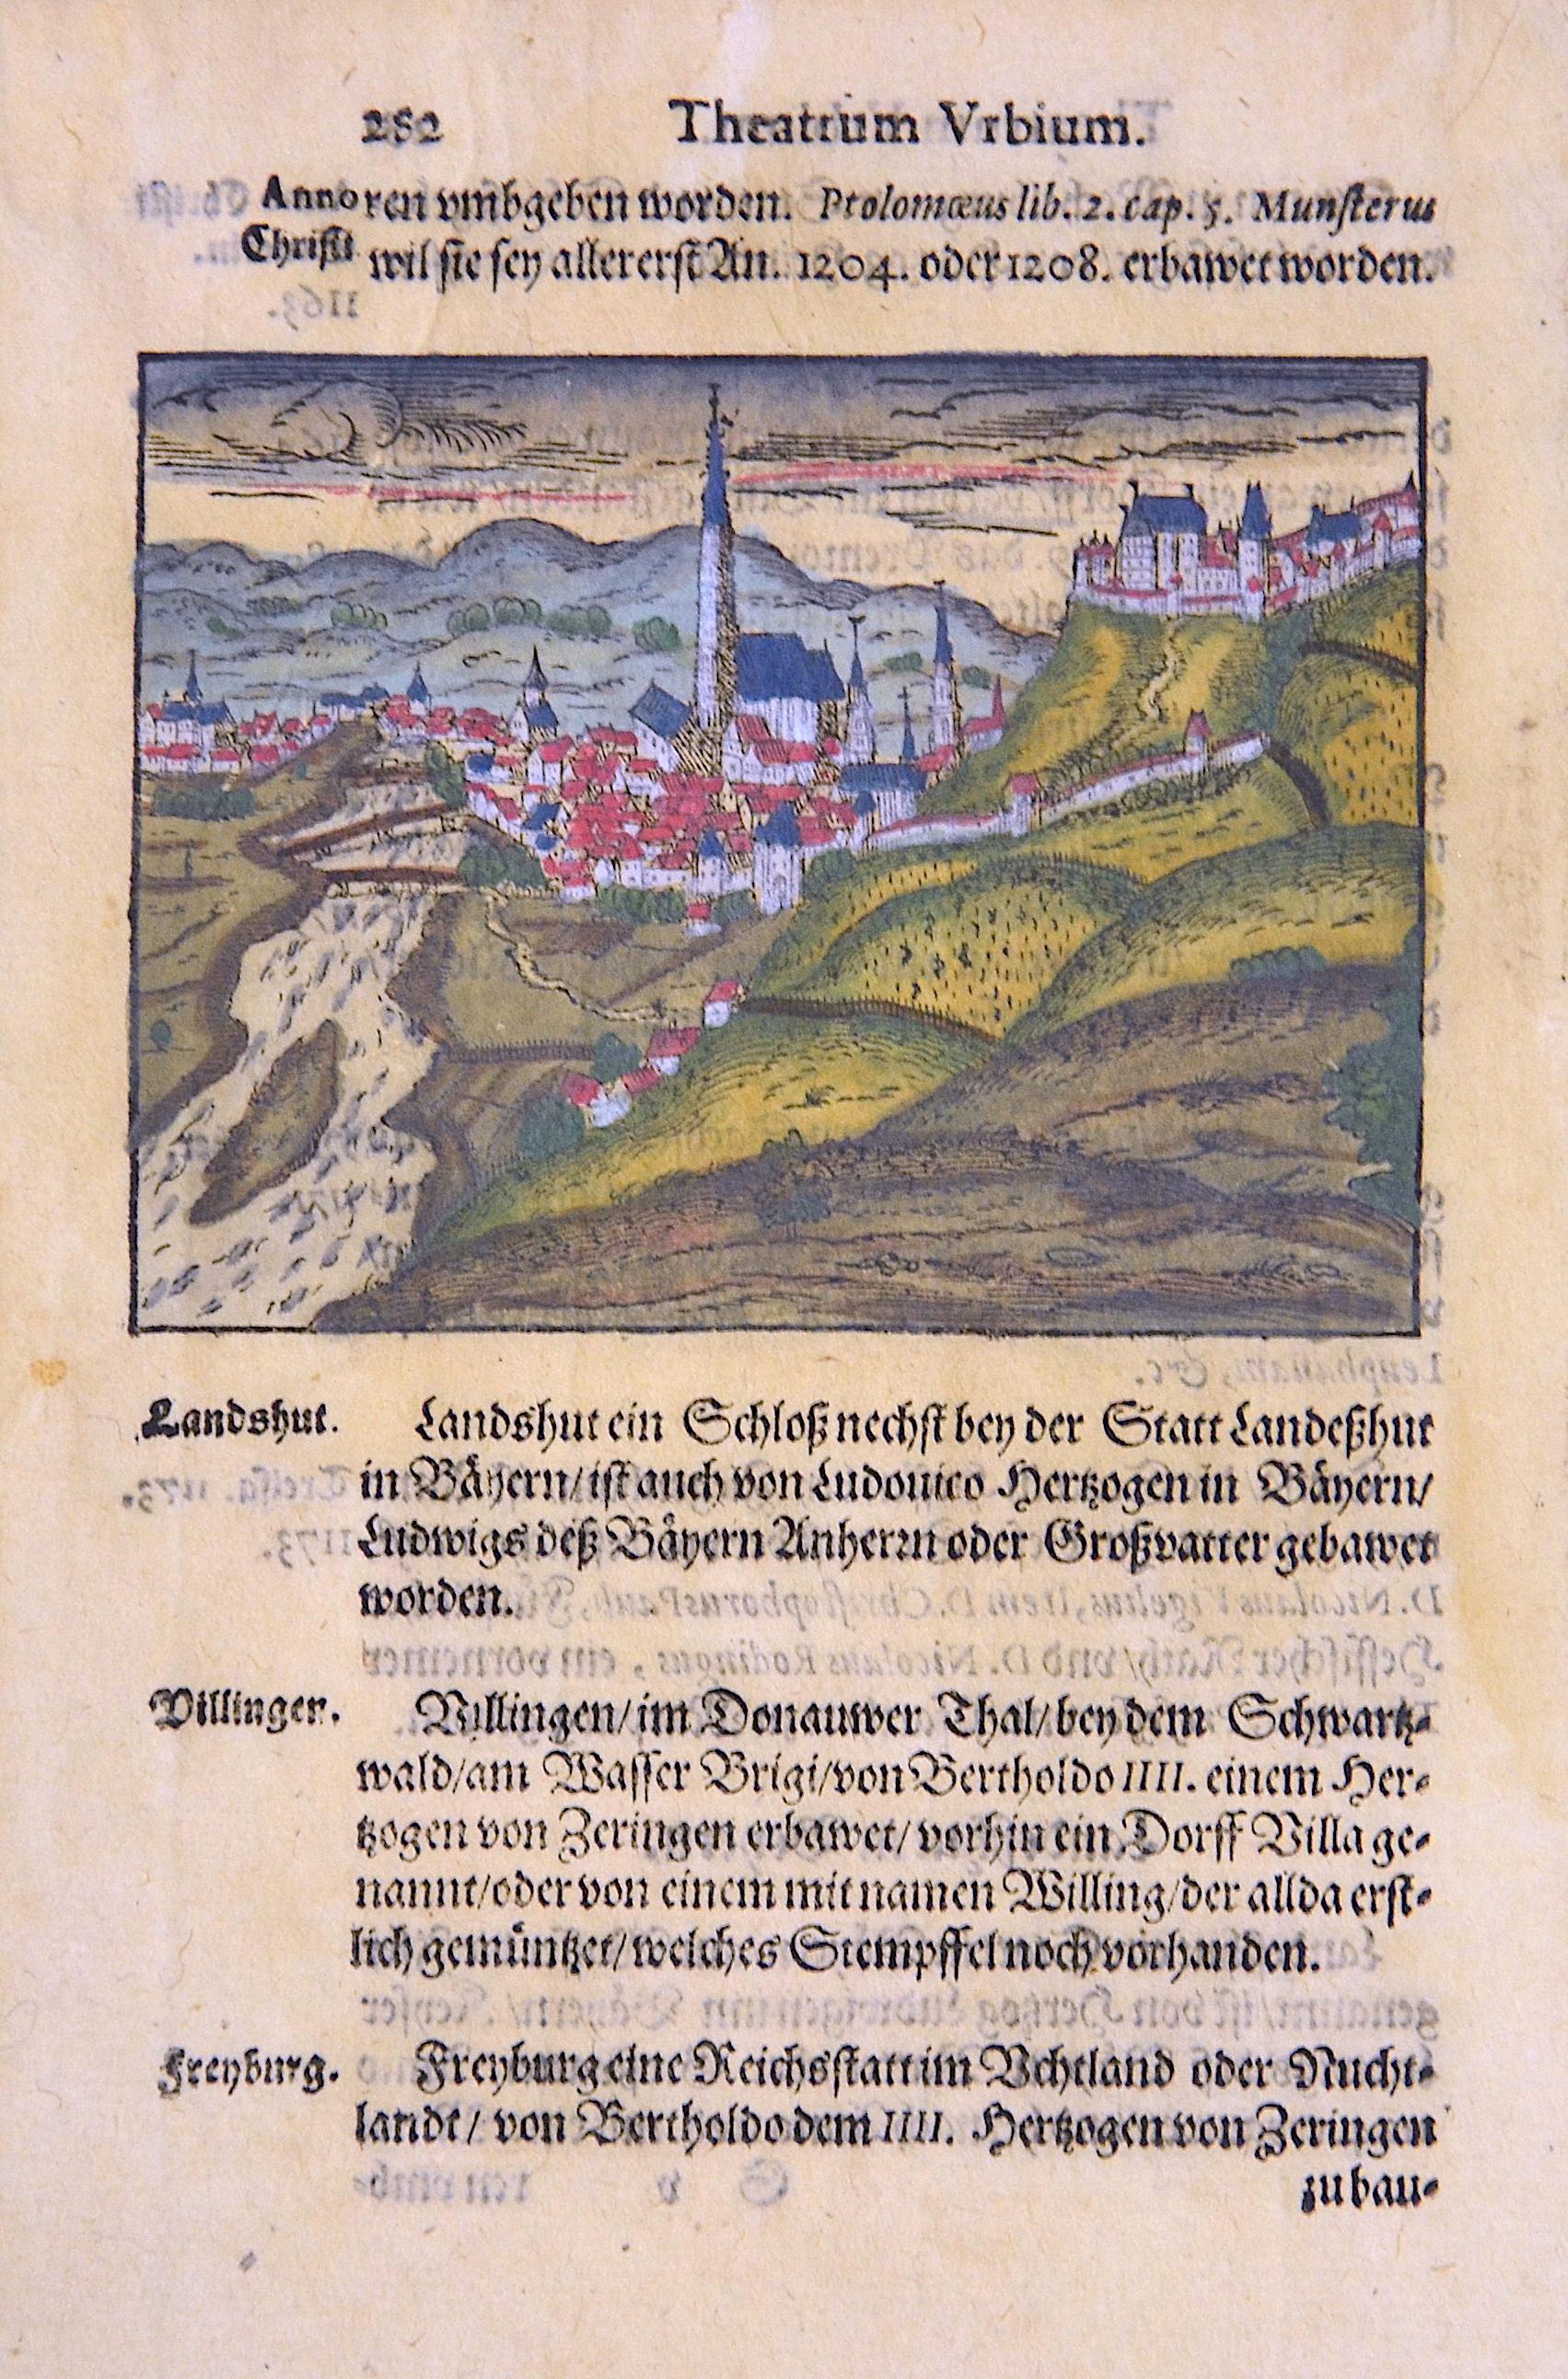 Saur Abraham Theatrum Urbium. Landshut.